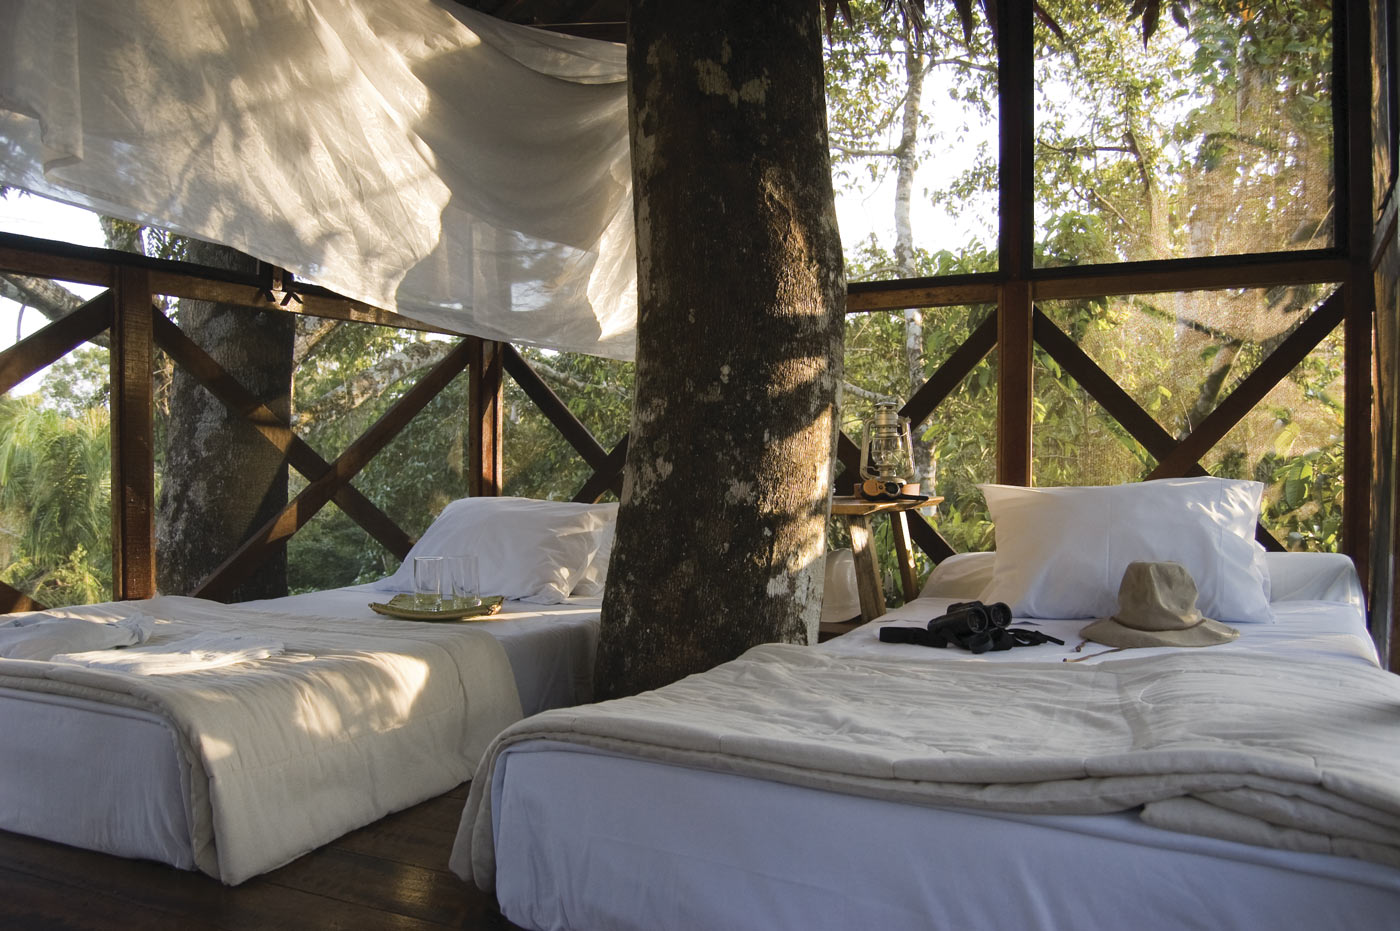 INKATERRA CANOPY TREE HOUSE* & Canopy Tree House - Reserva Amazonica